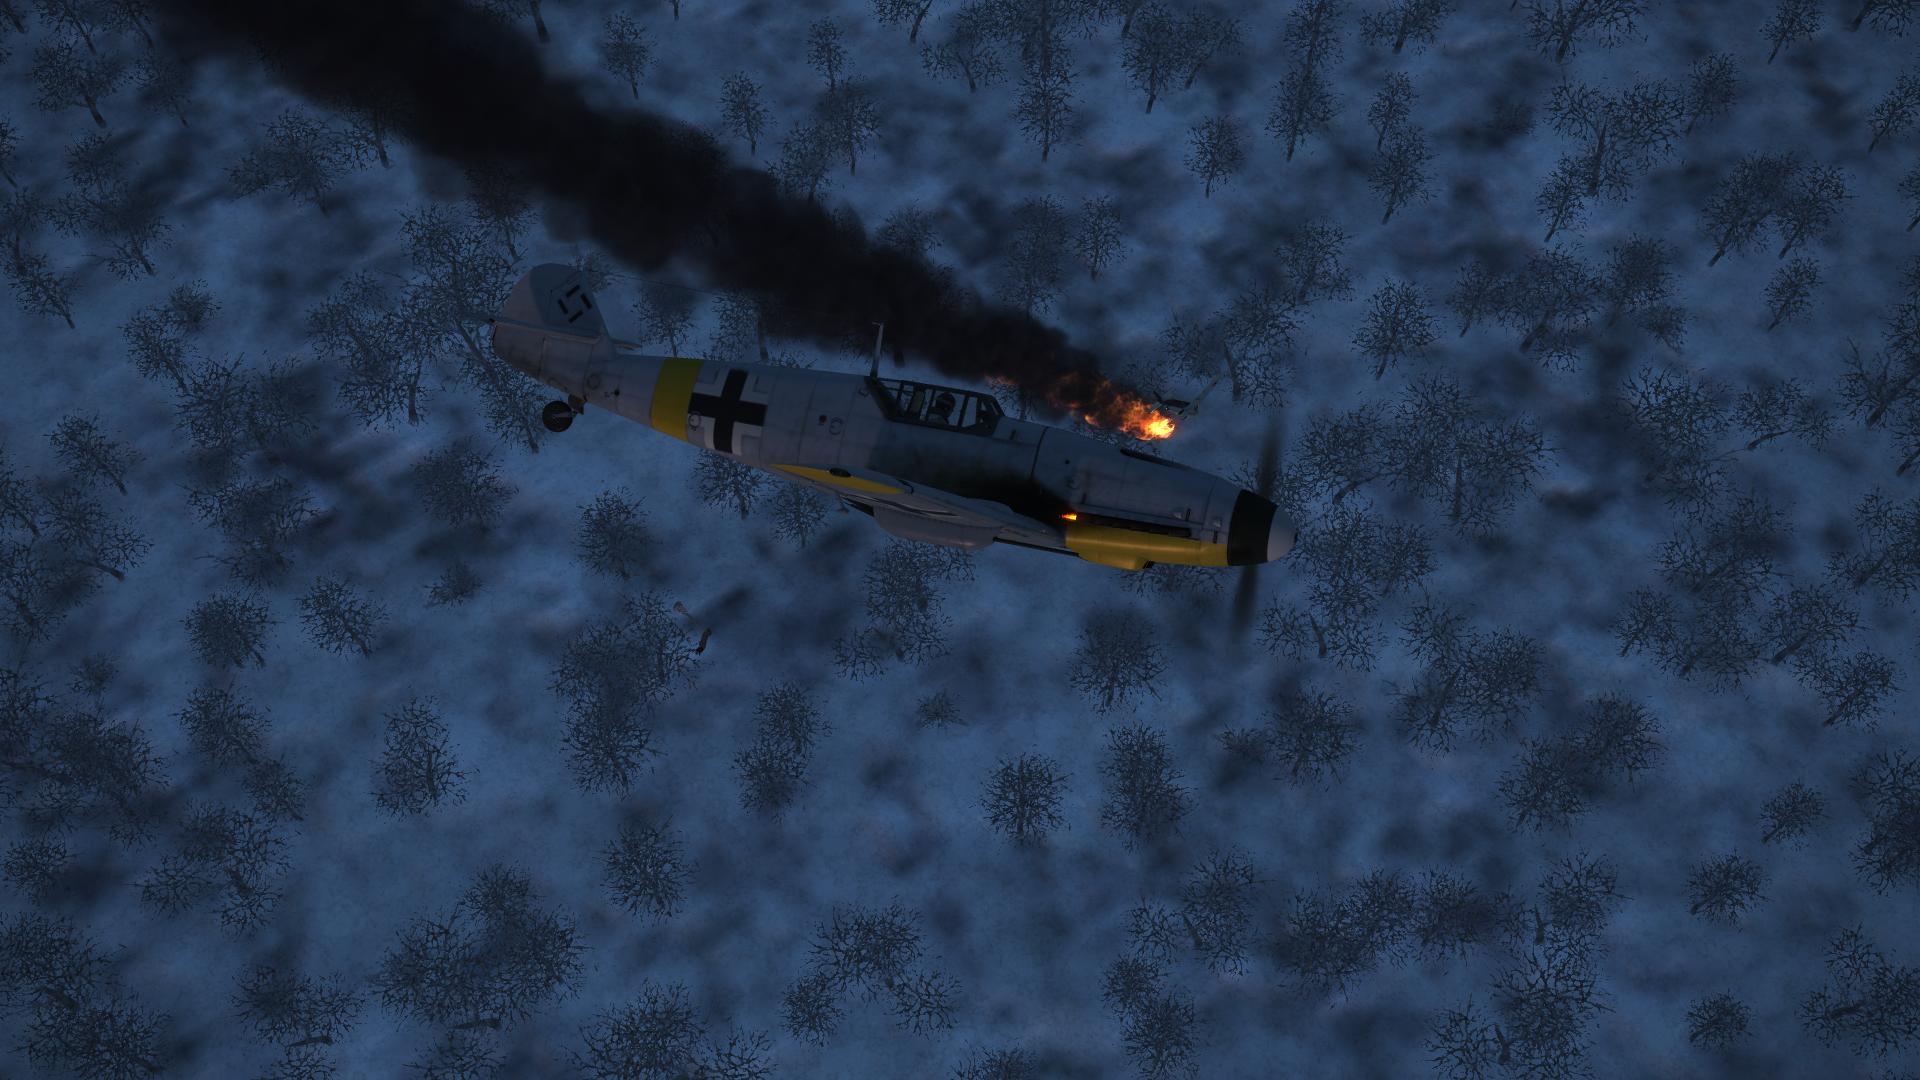 IL-2 Sturmovik Battle of Stalingrad Screenshot 2020.04.26 - 12.27.36.32.png